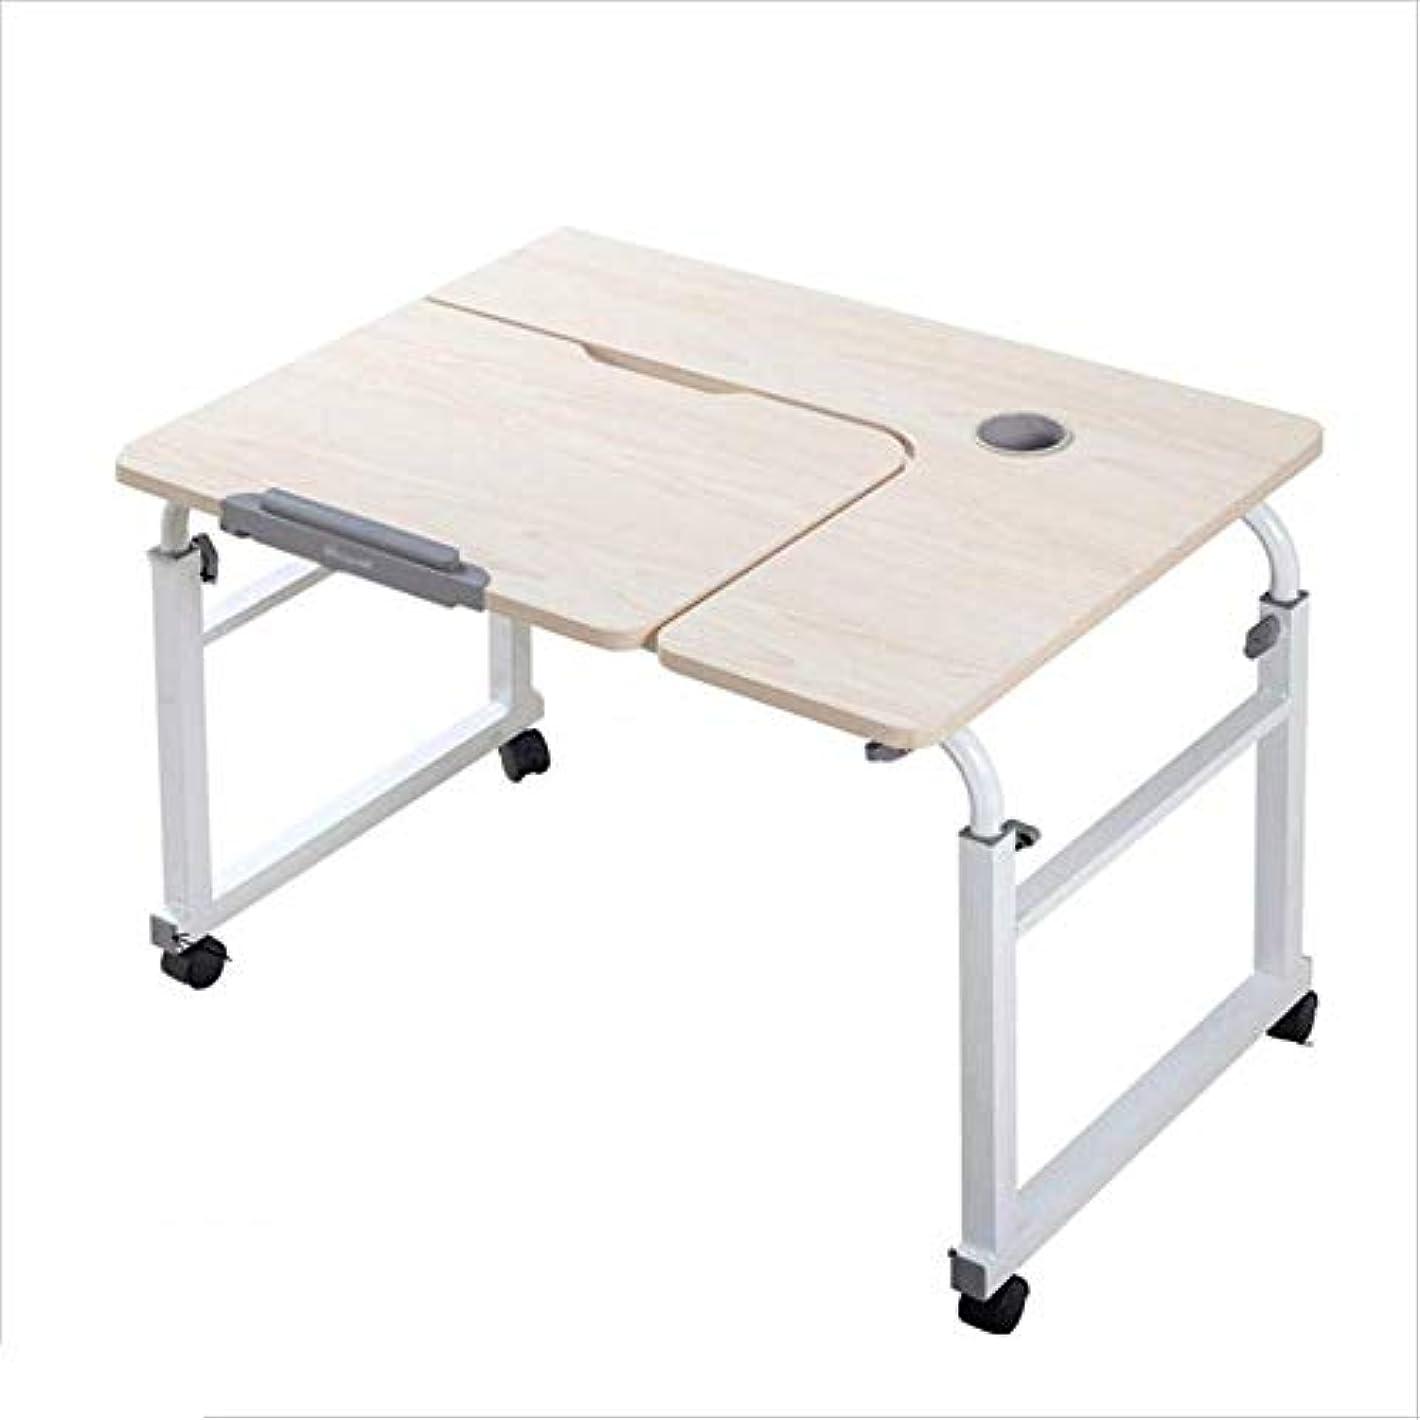 ベッドアルコール出身地折りたたみデスク シンプルな木製の折りたたみ式テーブル怠惰なベッド取り外し可能なラップトップテーブル子供の書面学習机を持ち上げることができます|ベッドサイドテーブルデスクトップ8ファイルの調整 A++ (Color : B, Size : 80x60cm)